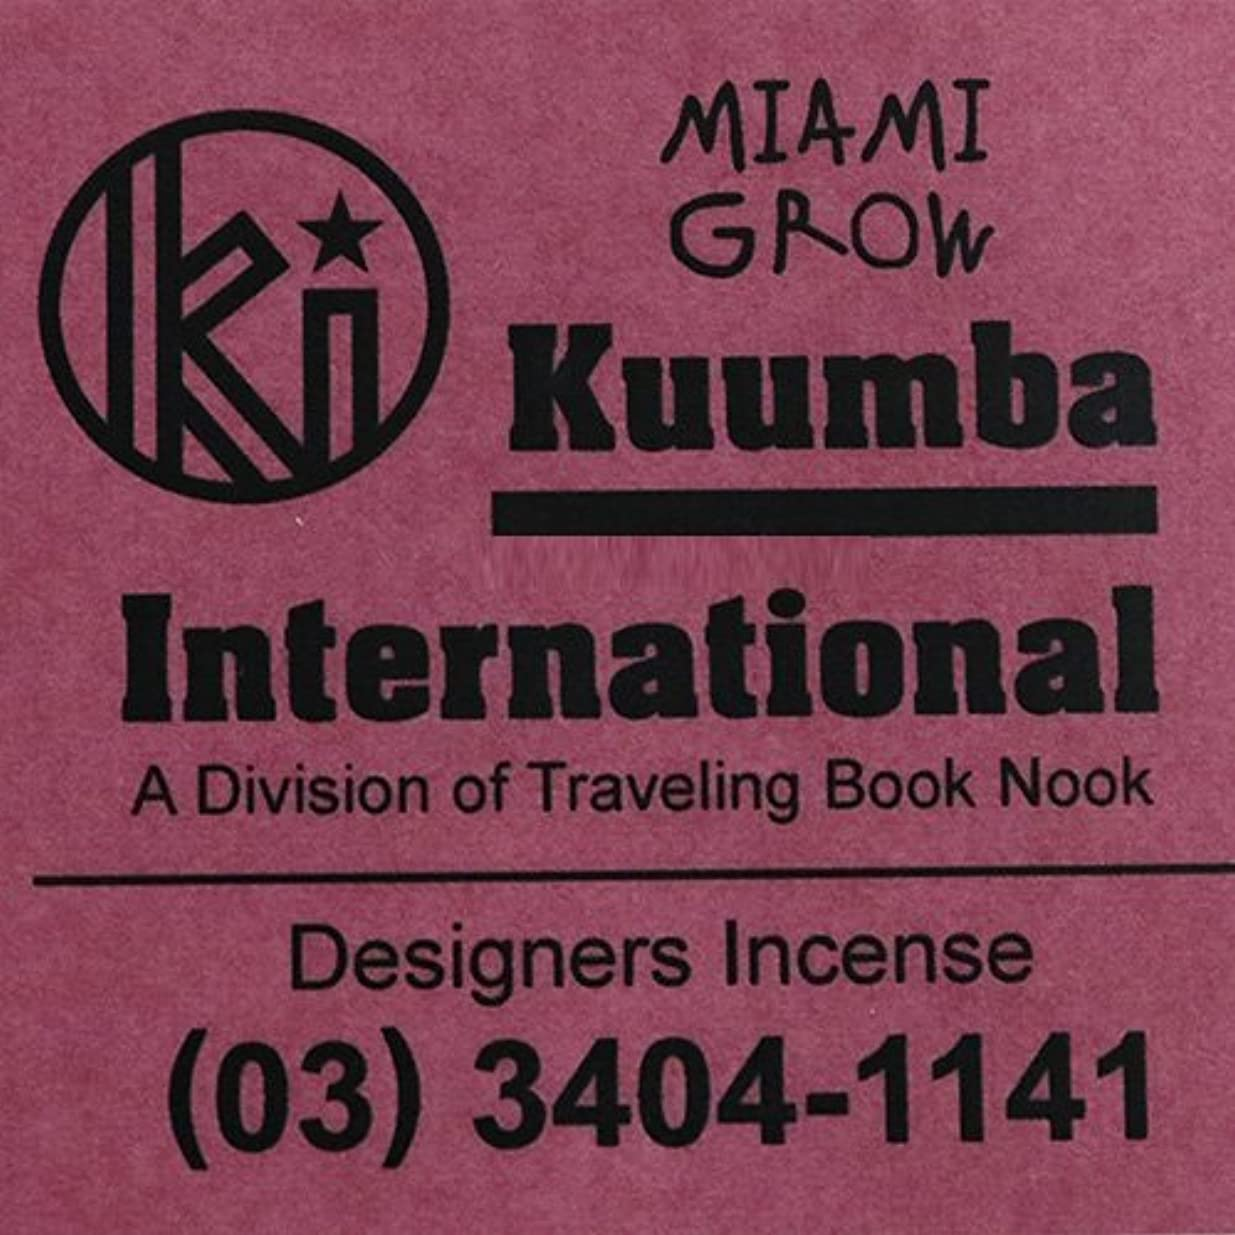 水族館シャックルいわゆる(クンバ) KUUMBA『incense』(MIAMI GROW) (Regular size)